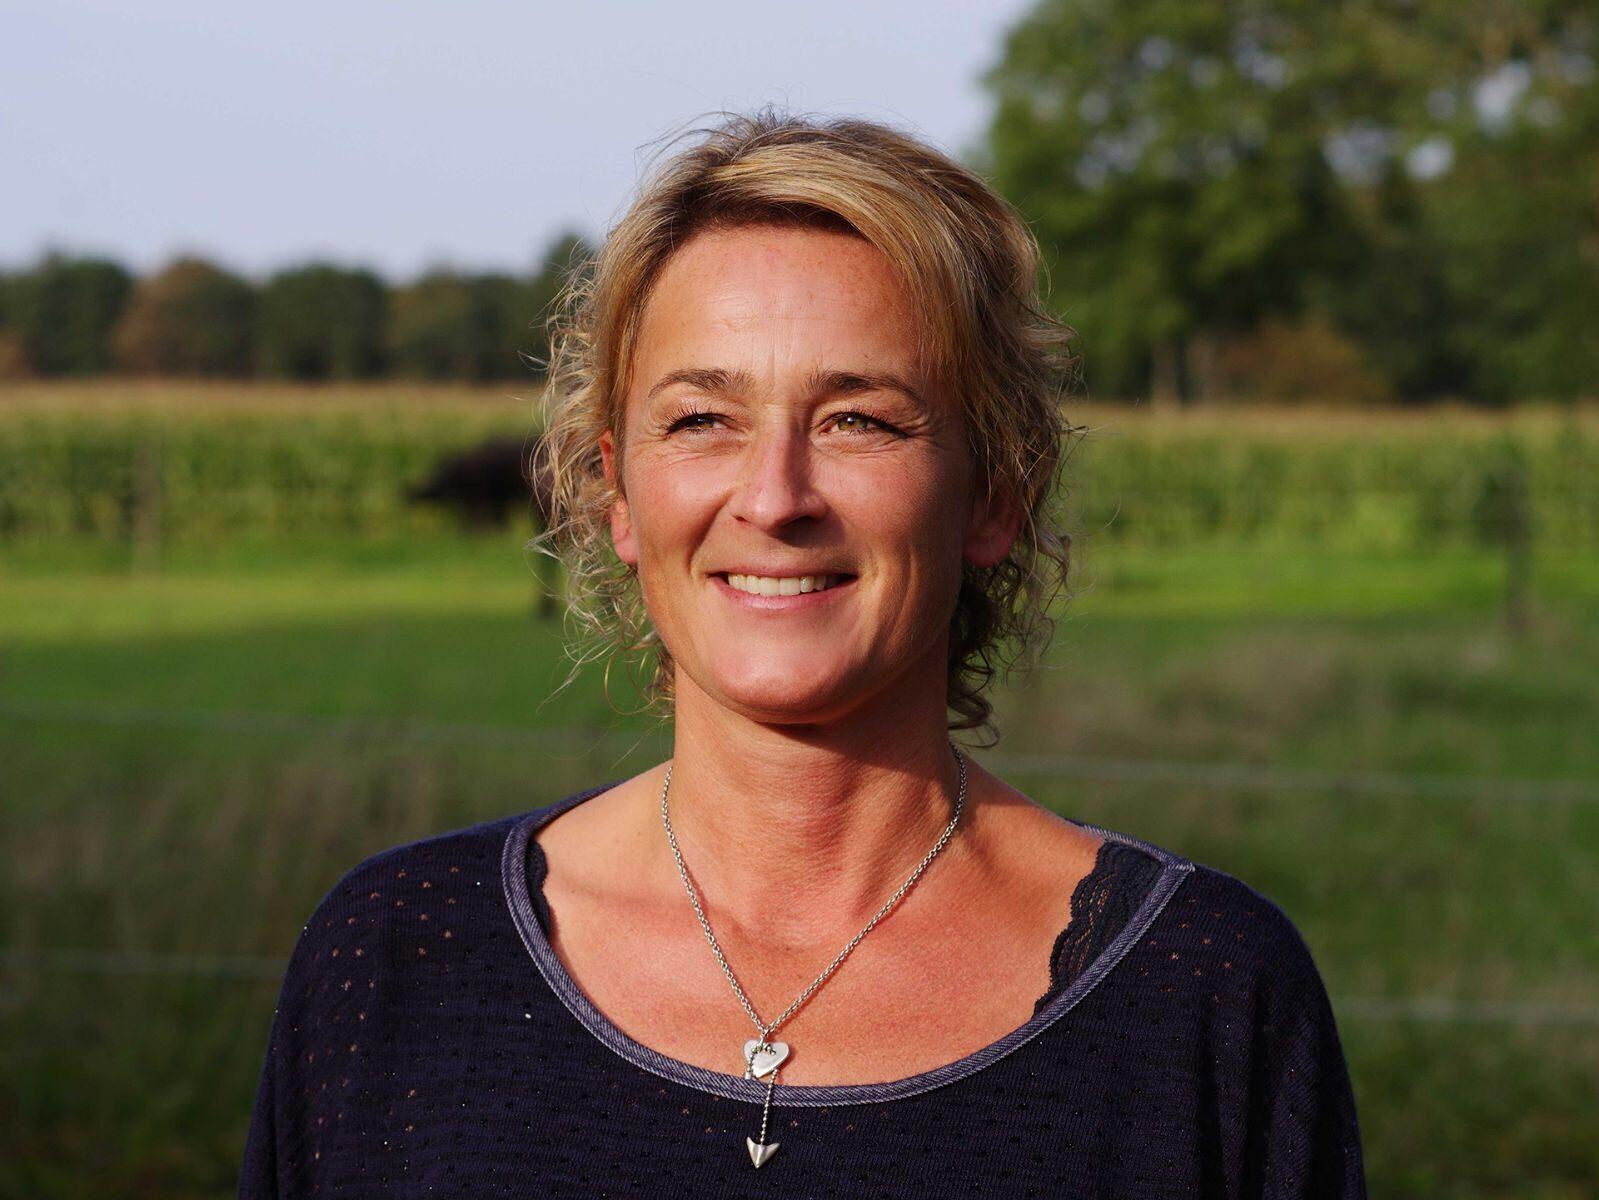 Profiel foto van de eigenaresse